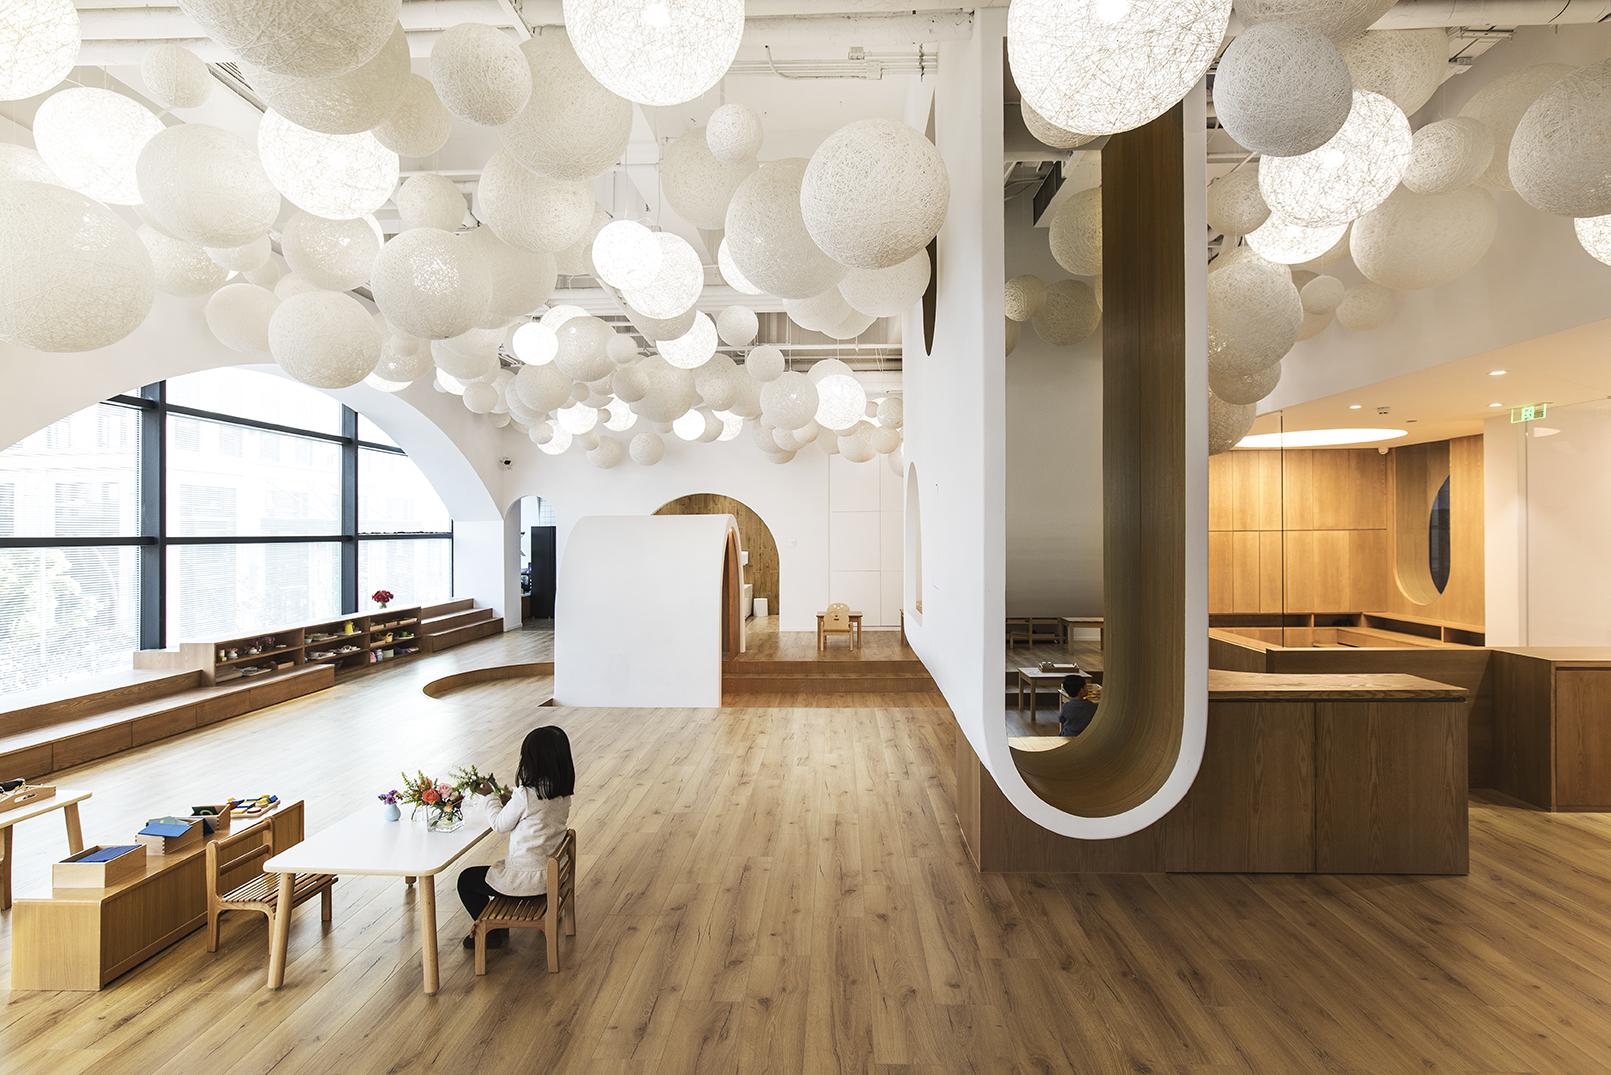 Guardería 123 kindergarten en shanghái